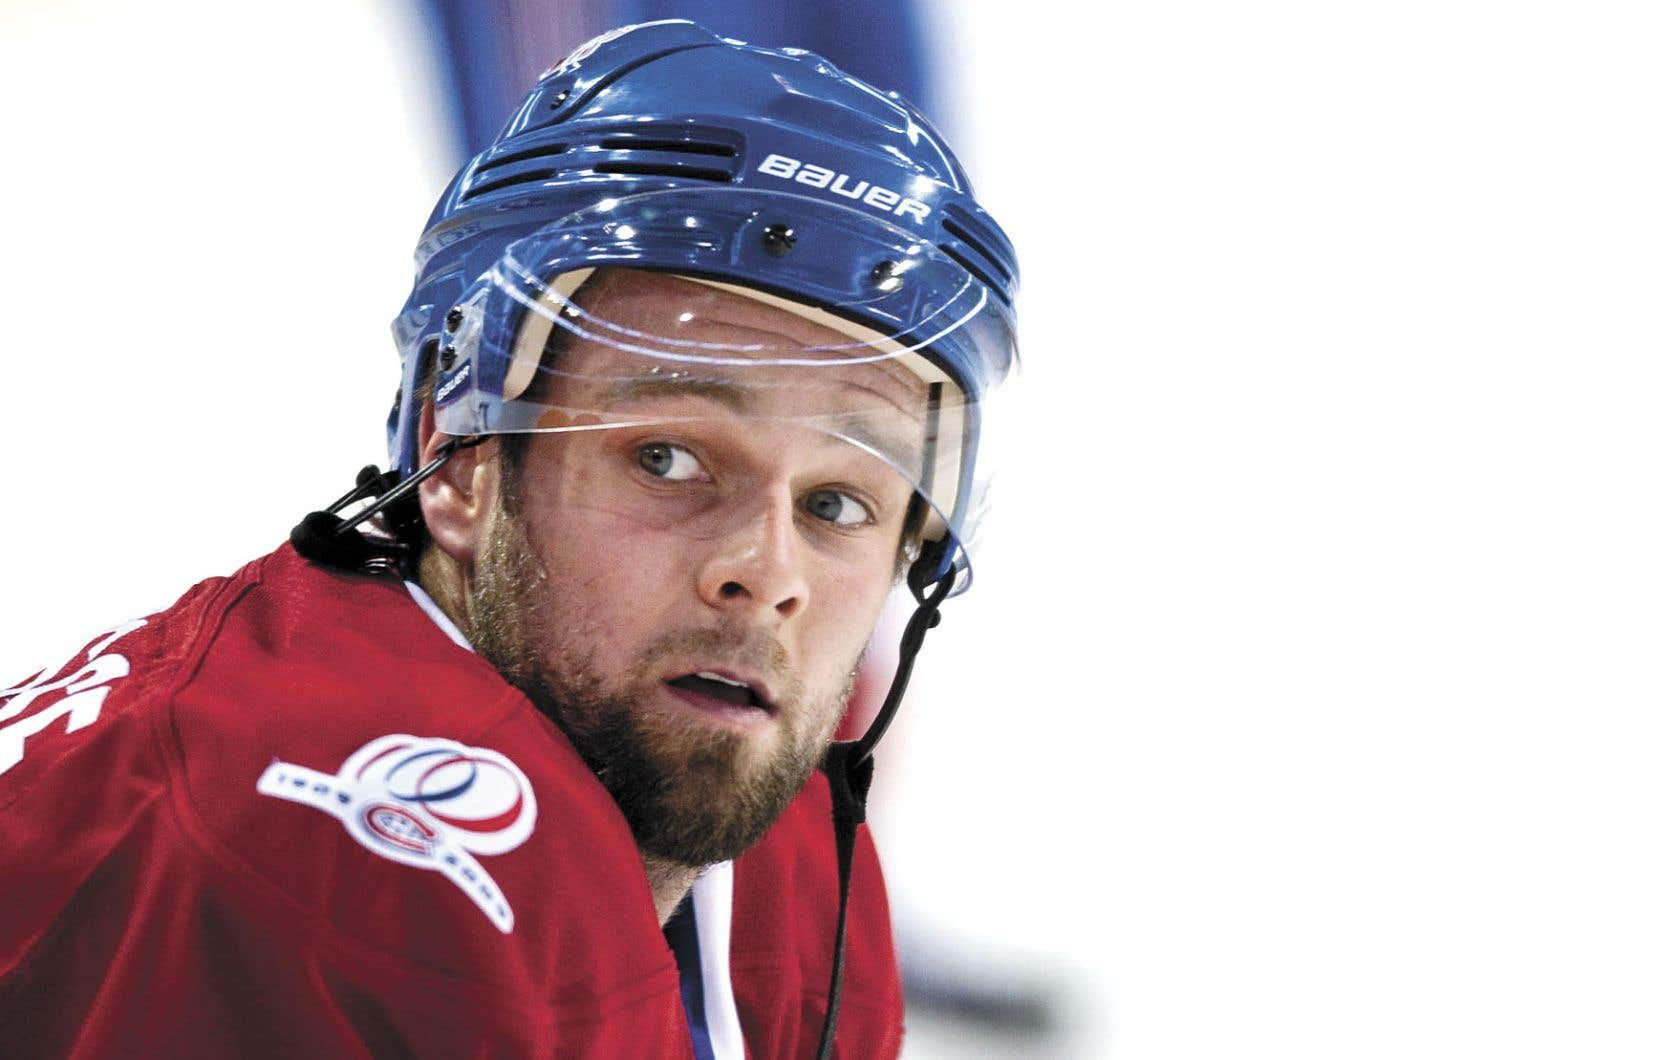 L'ancien joueur du Canadien de Montréal Guillaume Latendresse fait partie des plaignants.